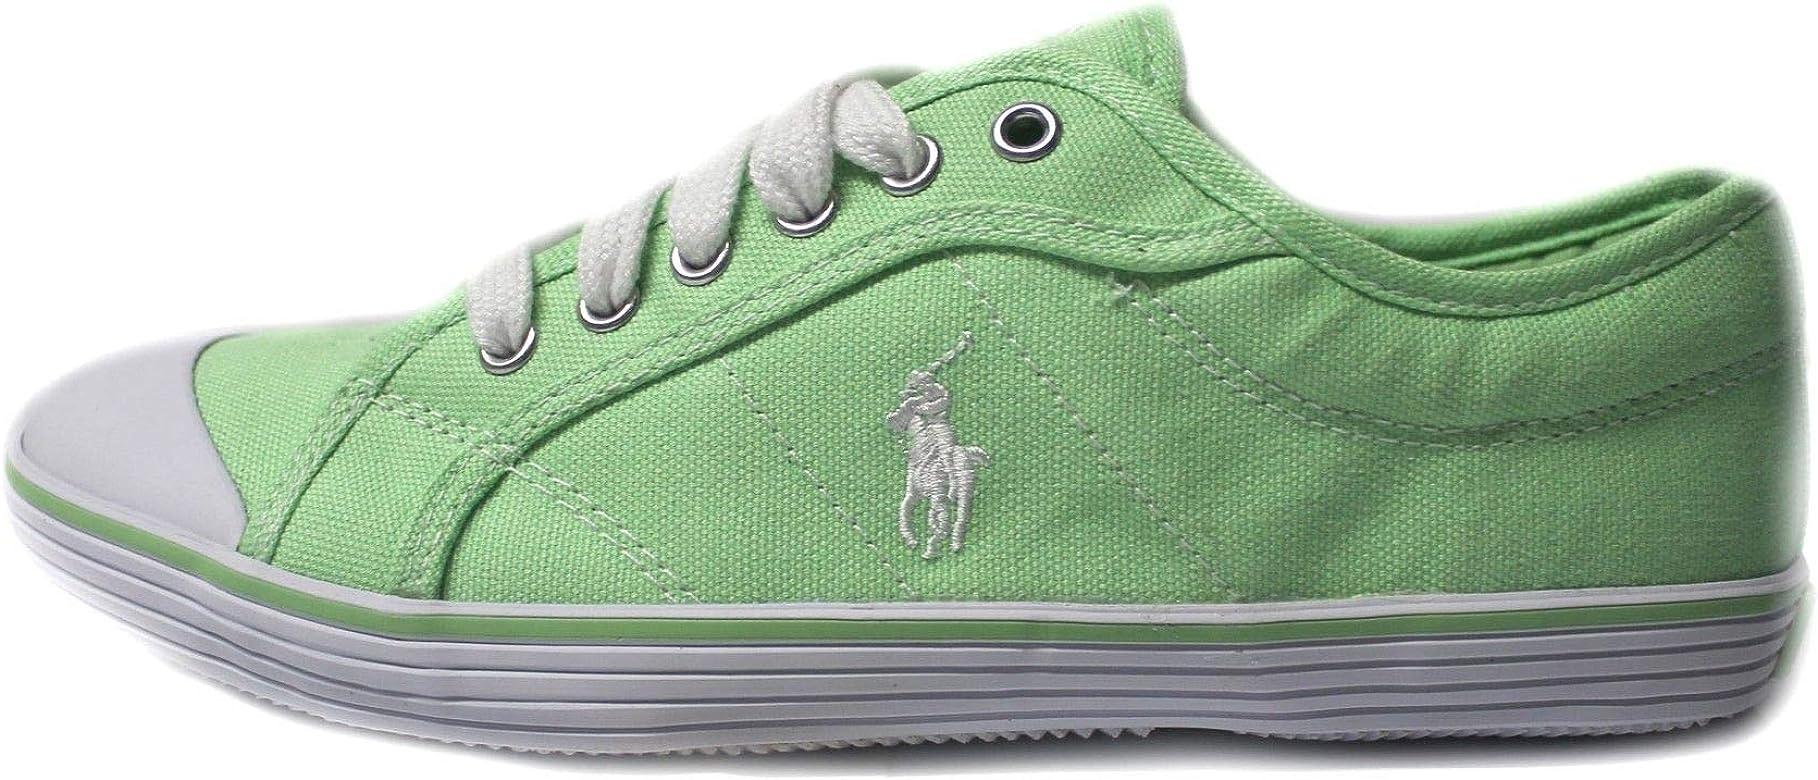 Polo Ralph Lauren - Zapatillas para Hombre Verde Verde Lima, Color ...